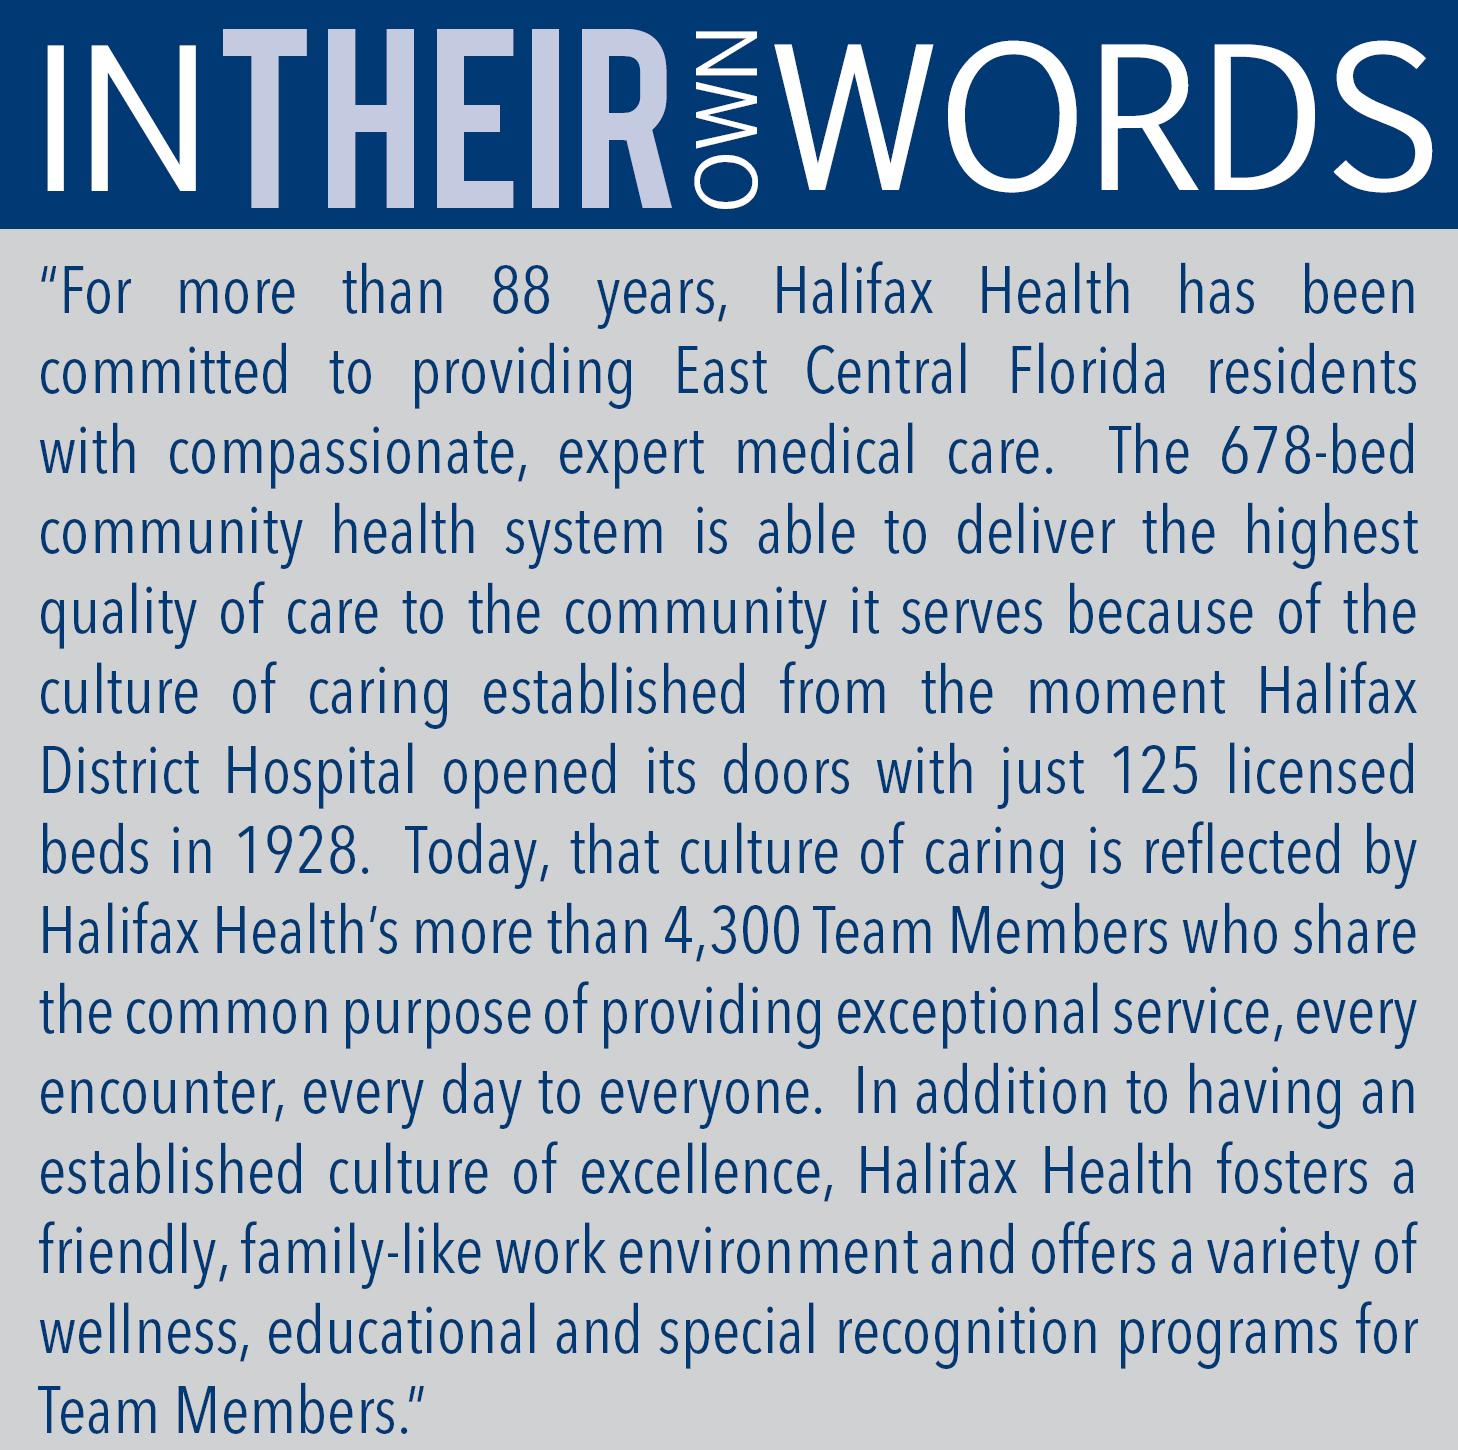 halifax-words